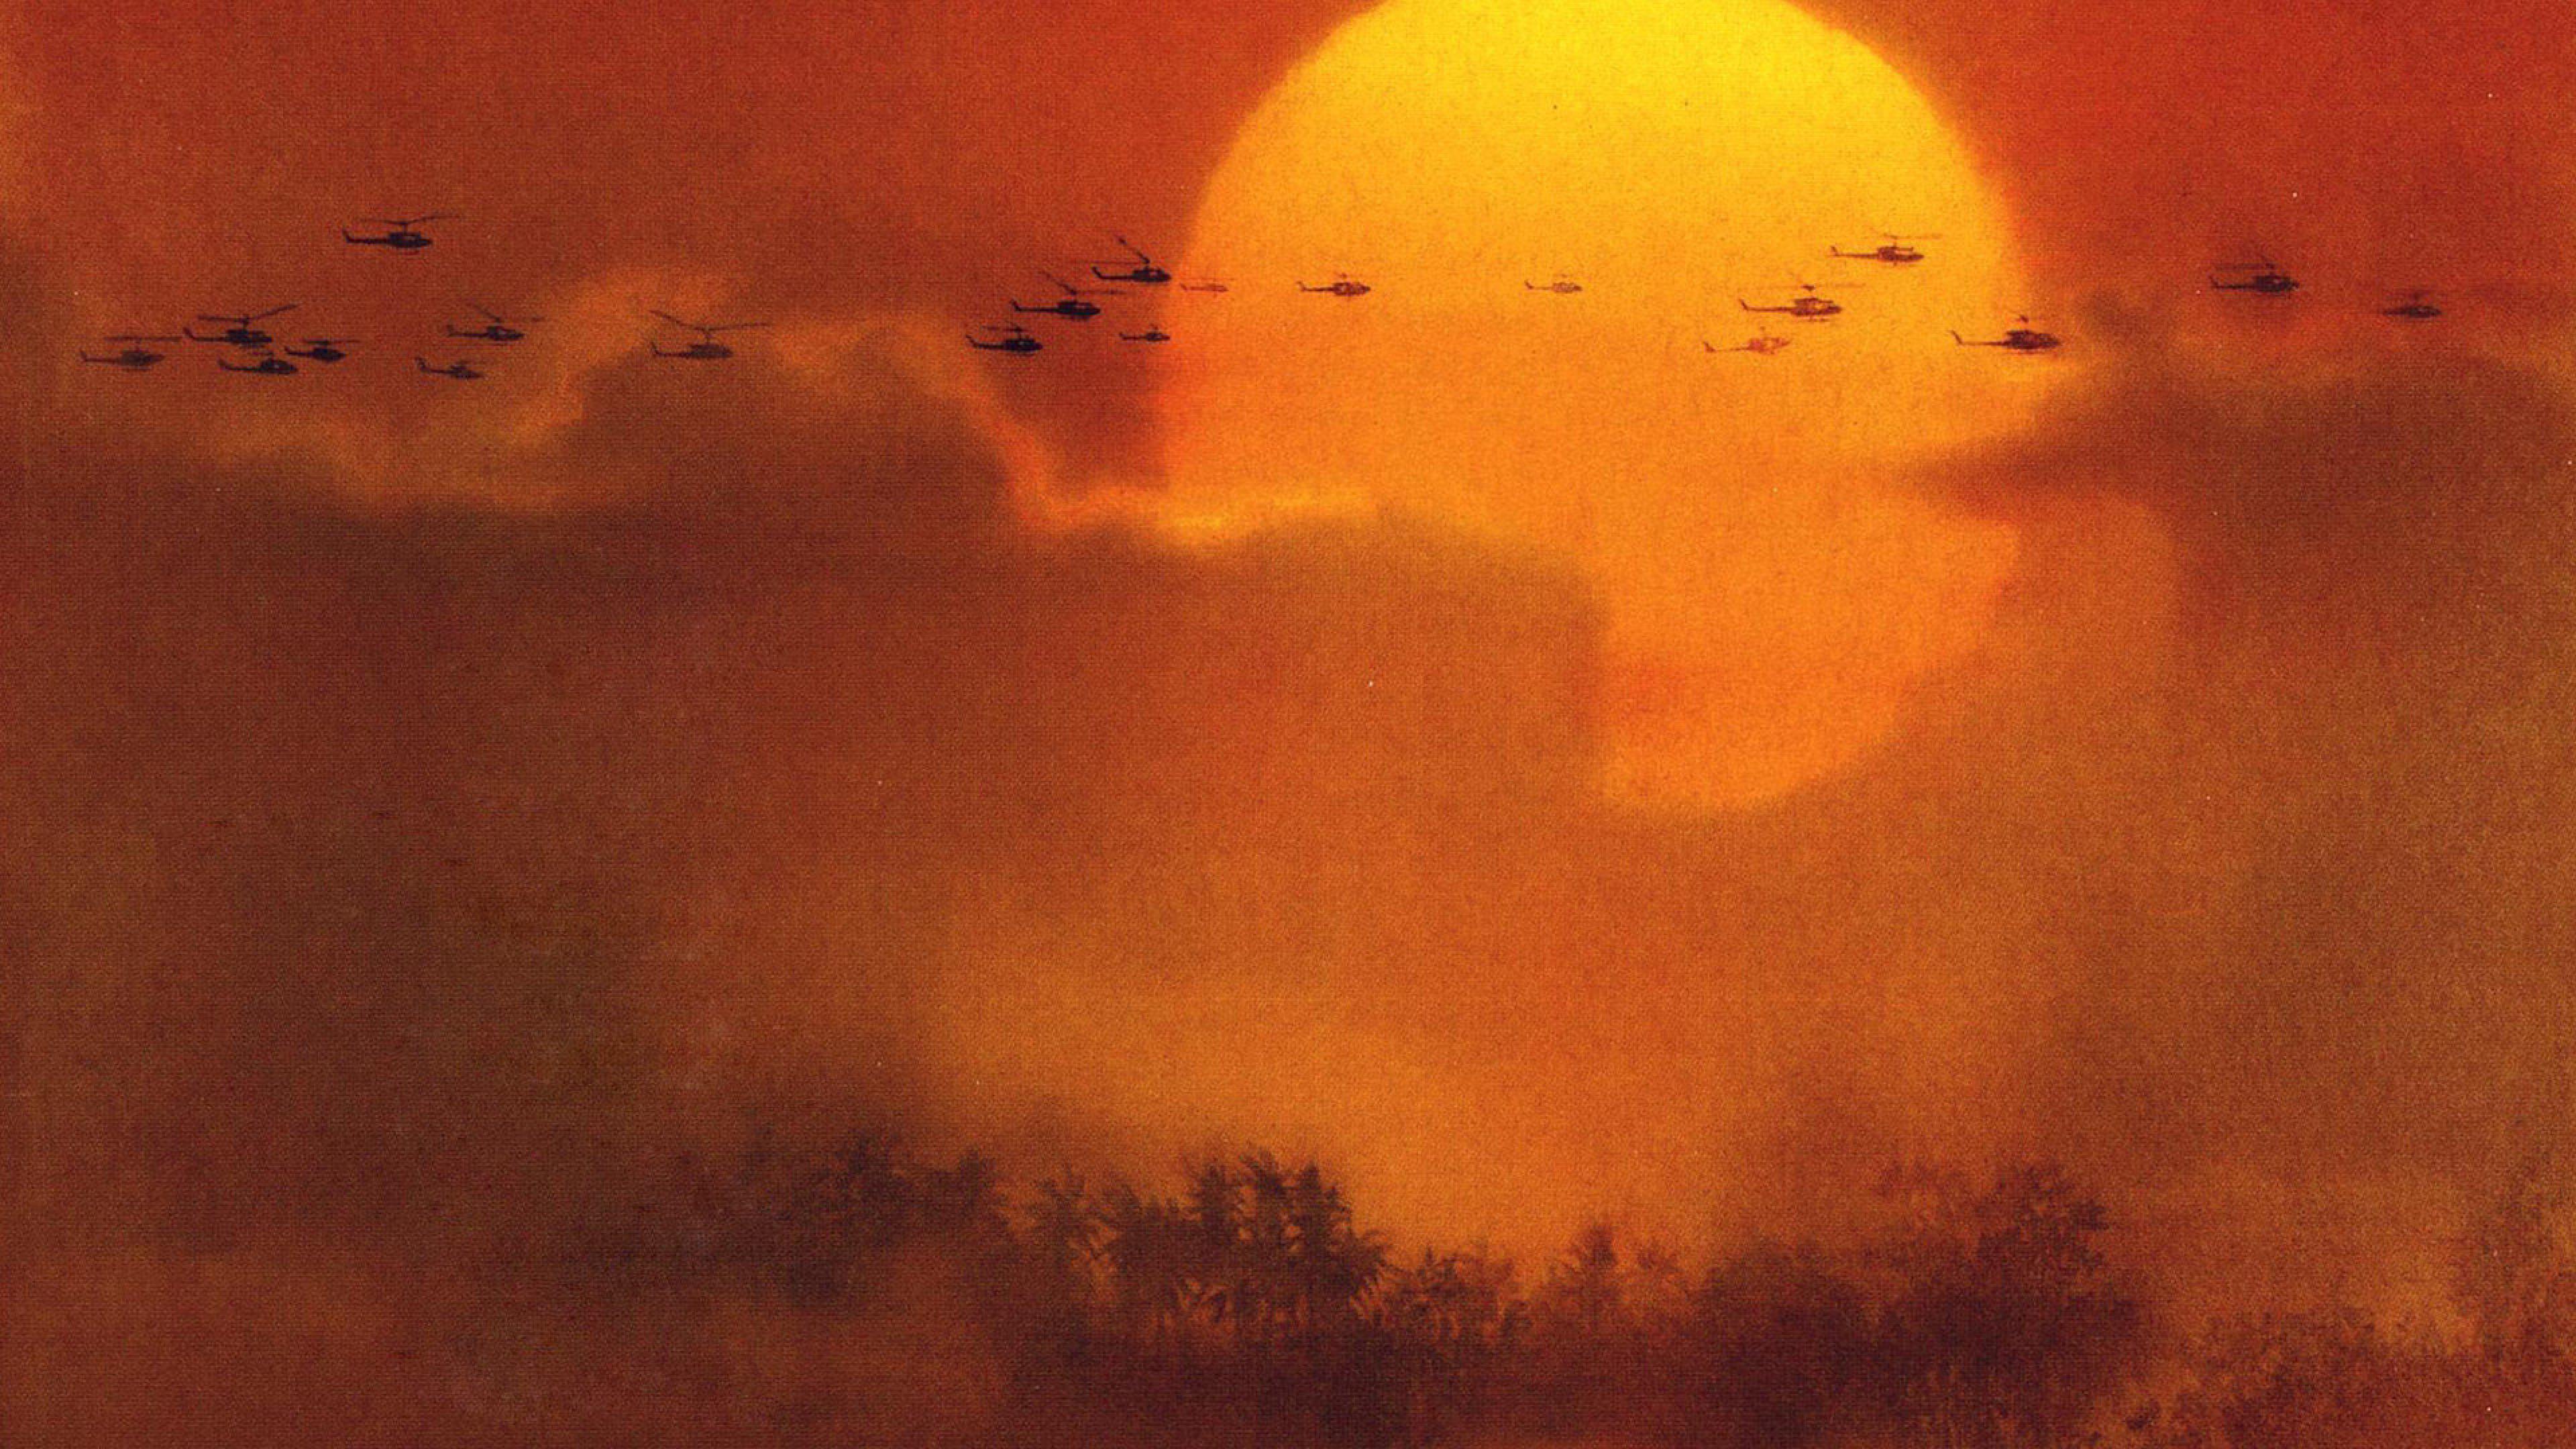 我们所见证的究竟是过去还是未来? 切尔诺贝利核事故35周年